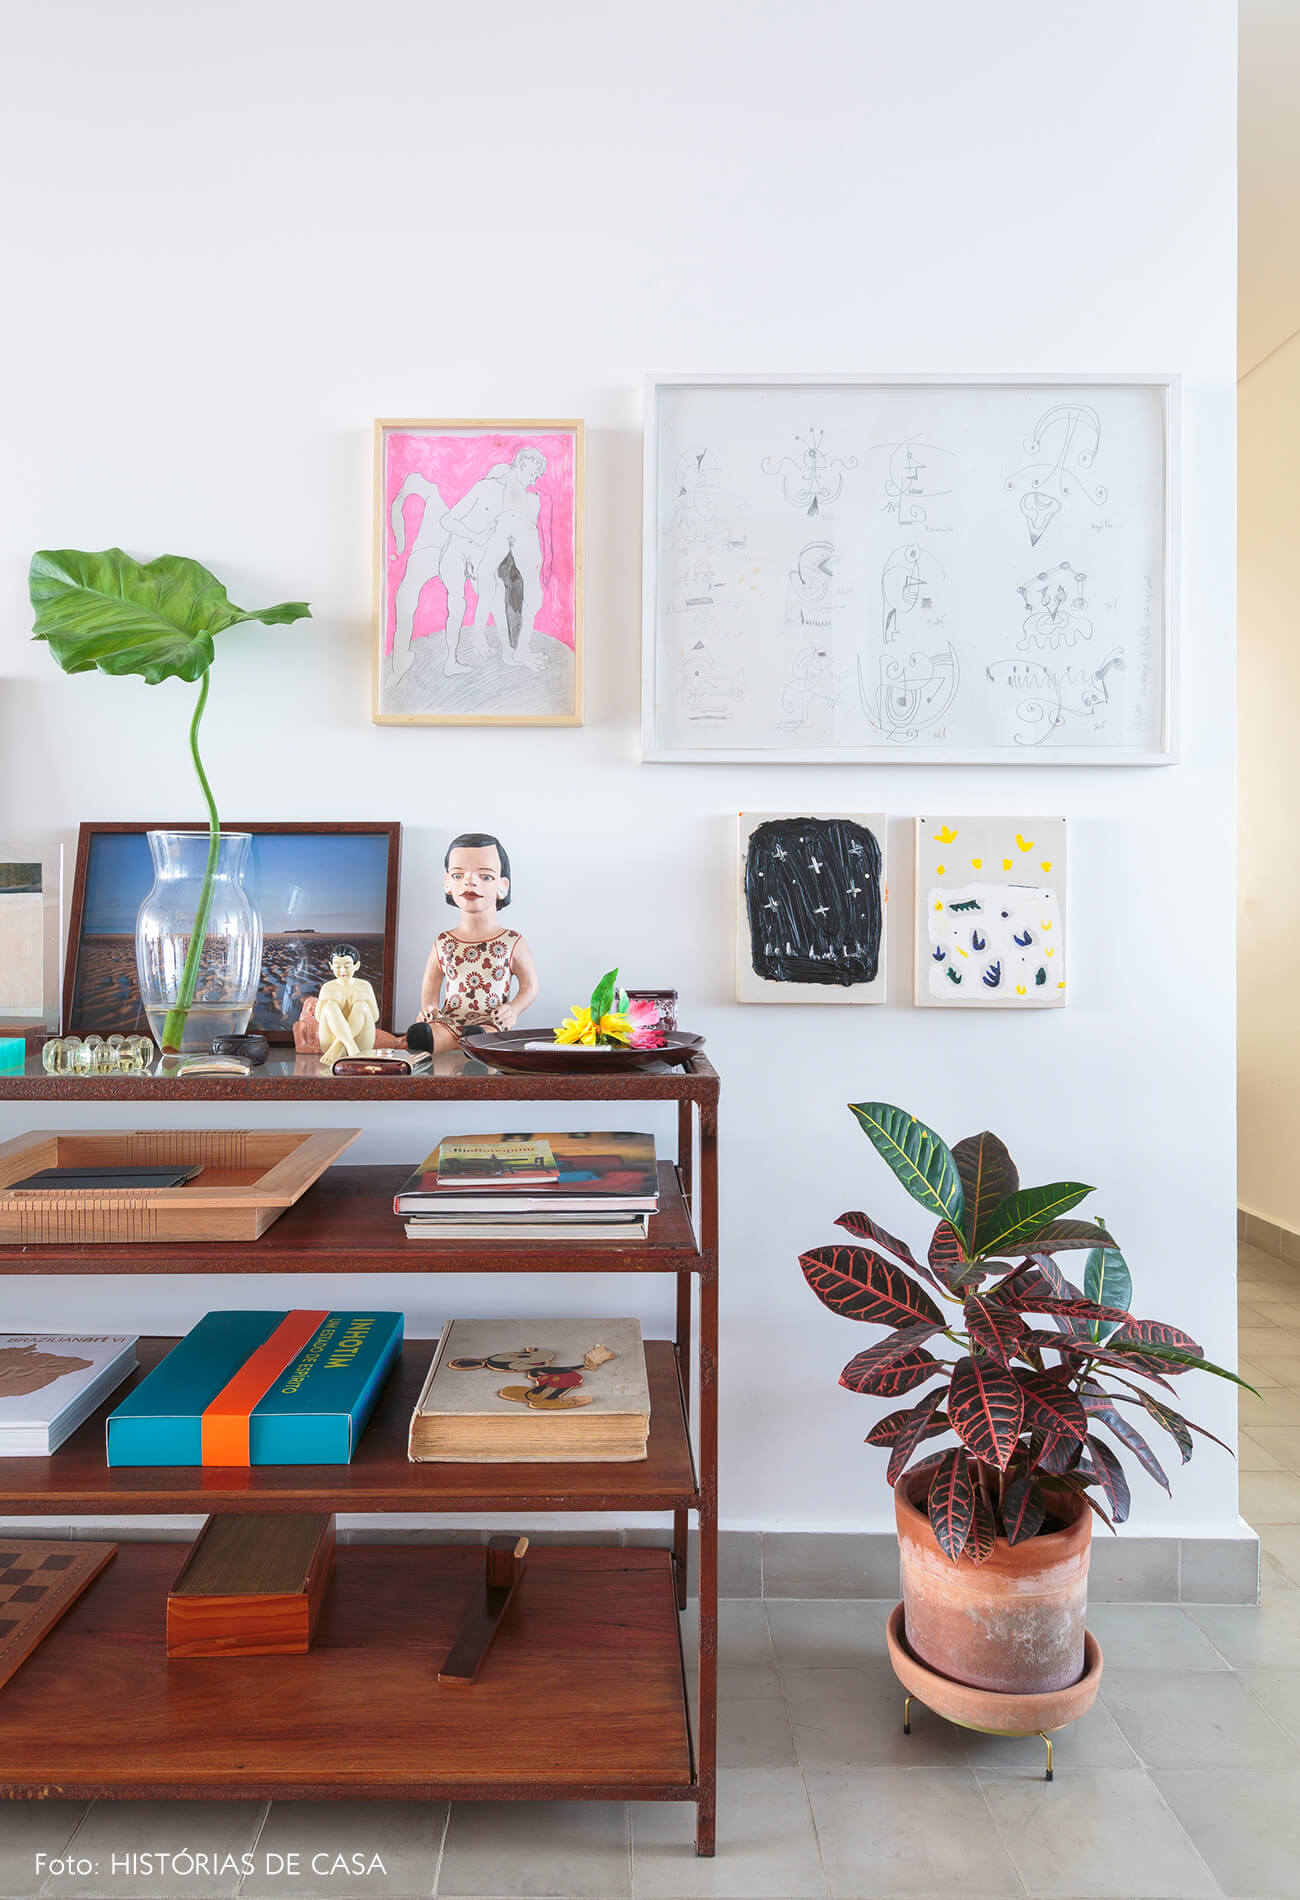 cozinha-movel-madeira-e-quadros